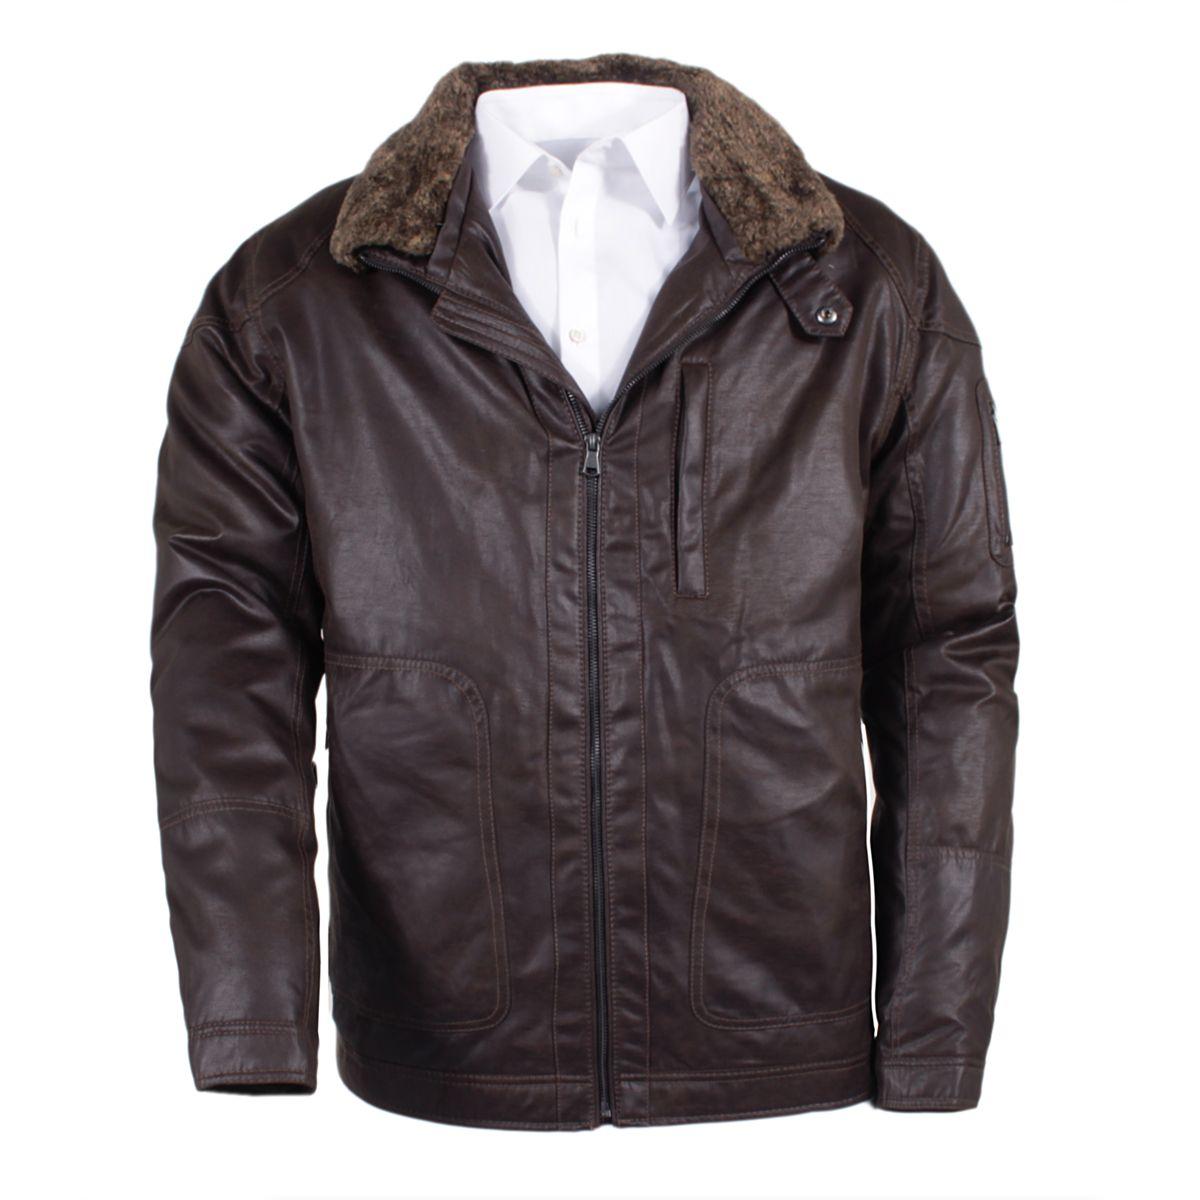 Blouson simili cuir marron grande taille du 3xl au 8xl size factory s4 - Cuire marron au four ...